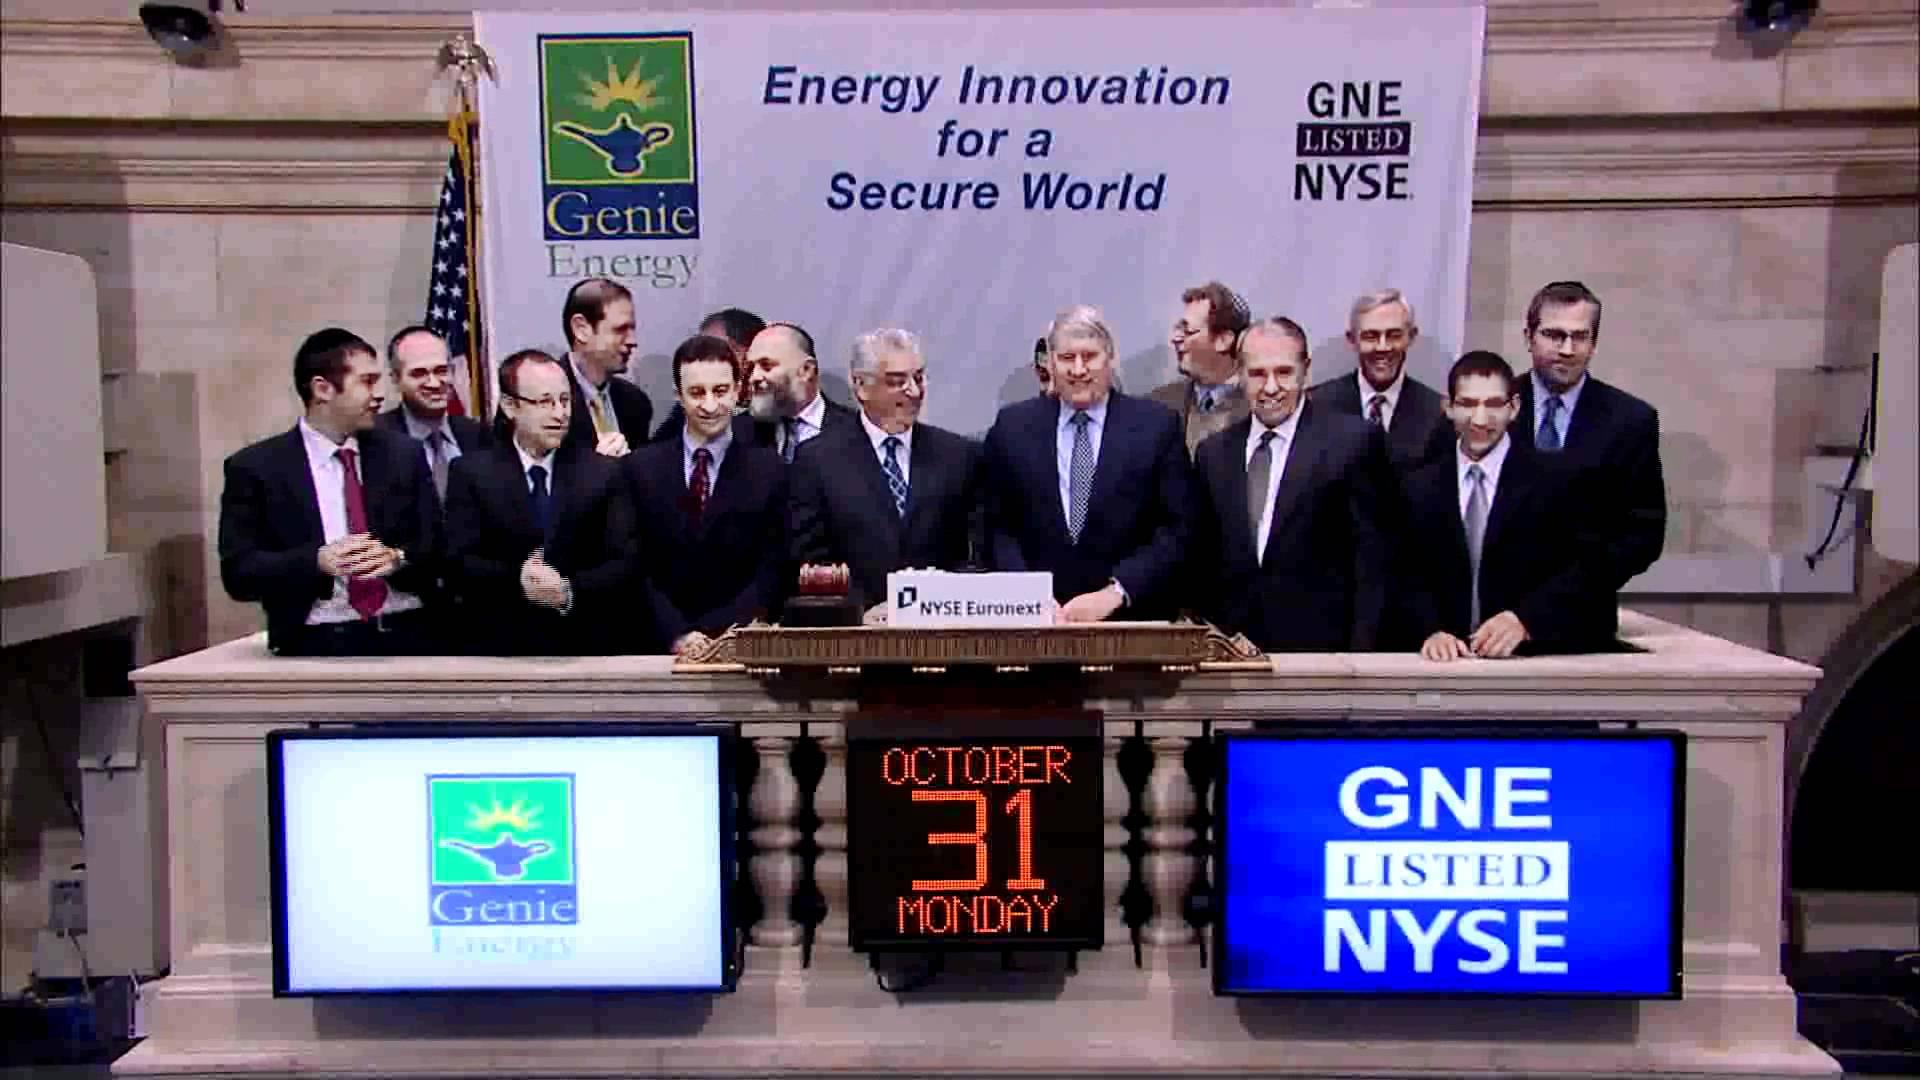 Genie Oil & Gas